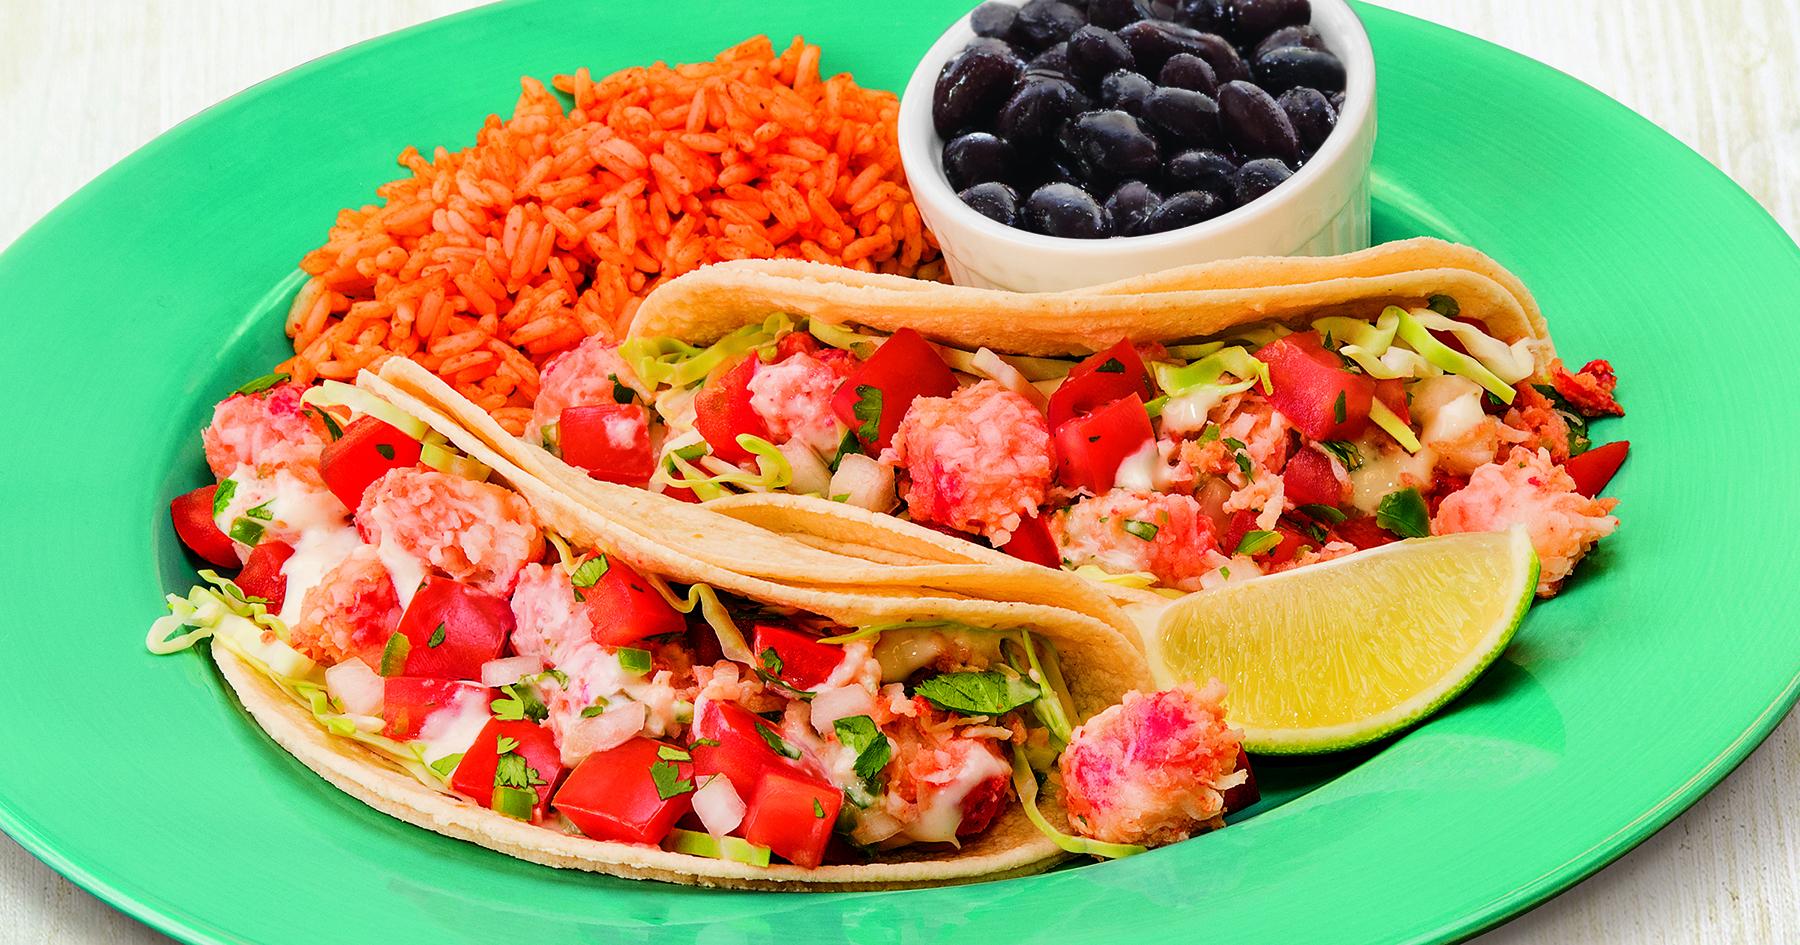 Taco Del Mar's lobster LTO